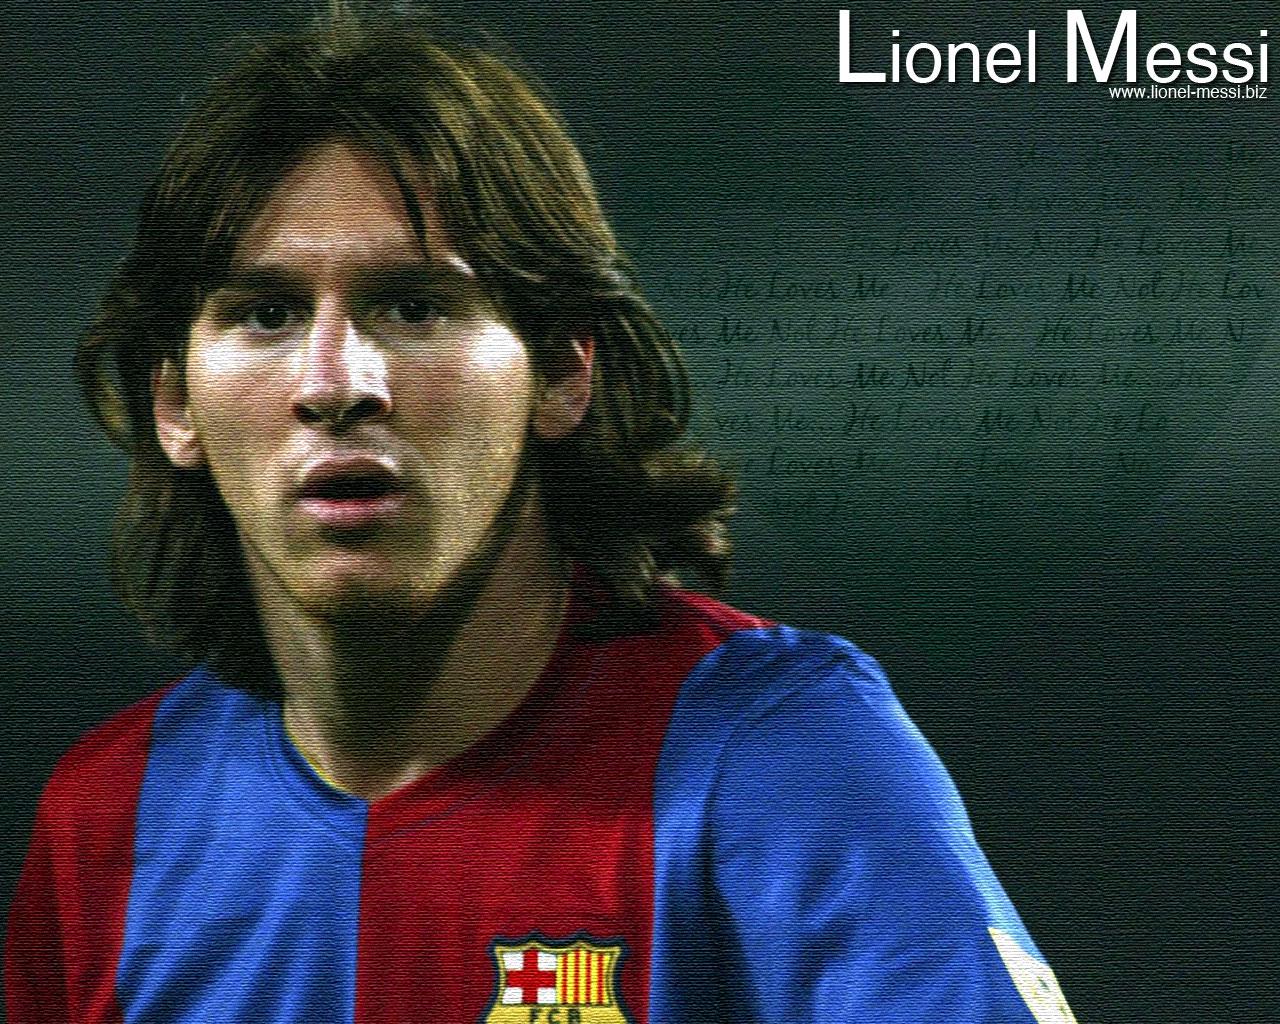 Lionel Messi Girlfriend